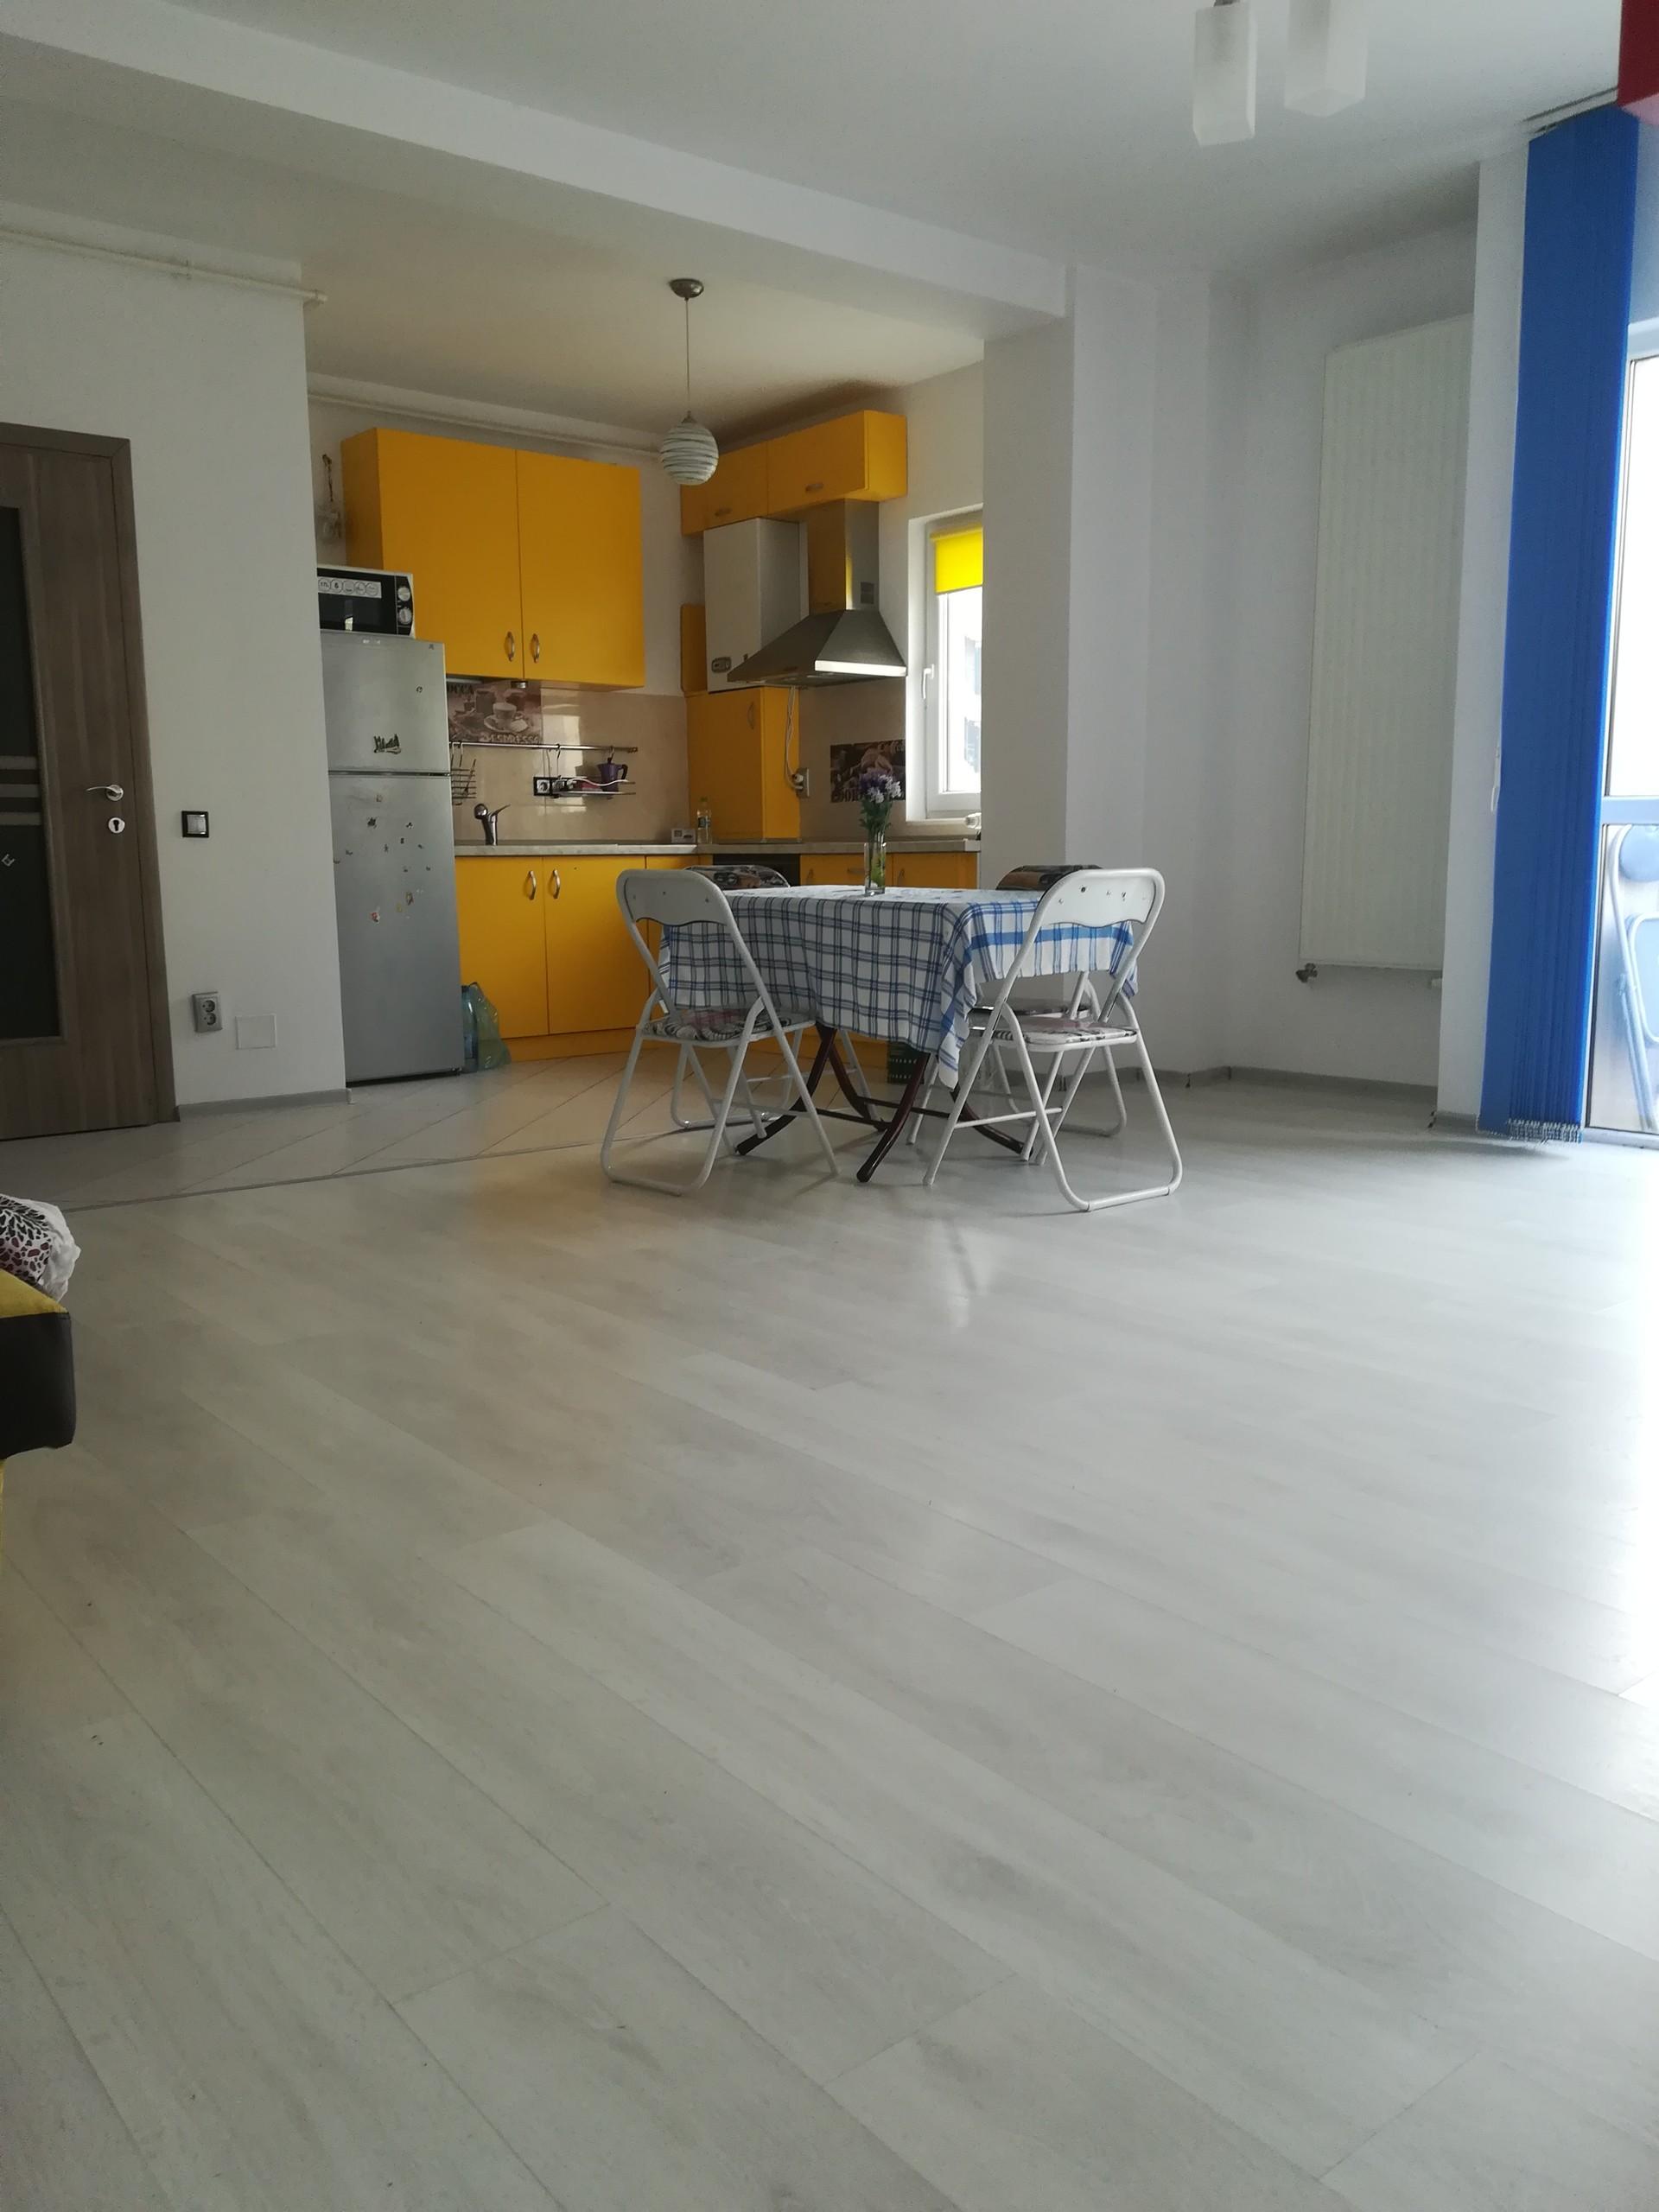 Appartamento con 2 camere da letto e un grande soggiorno, 2 bagni, centro  di Cluj Napoca